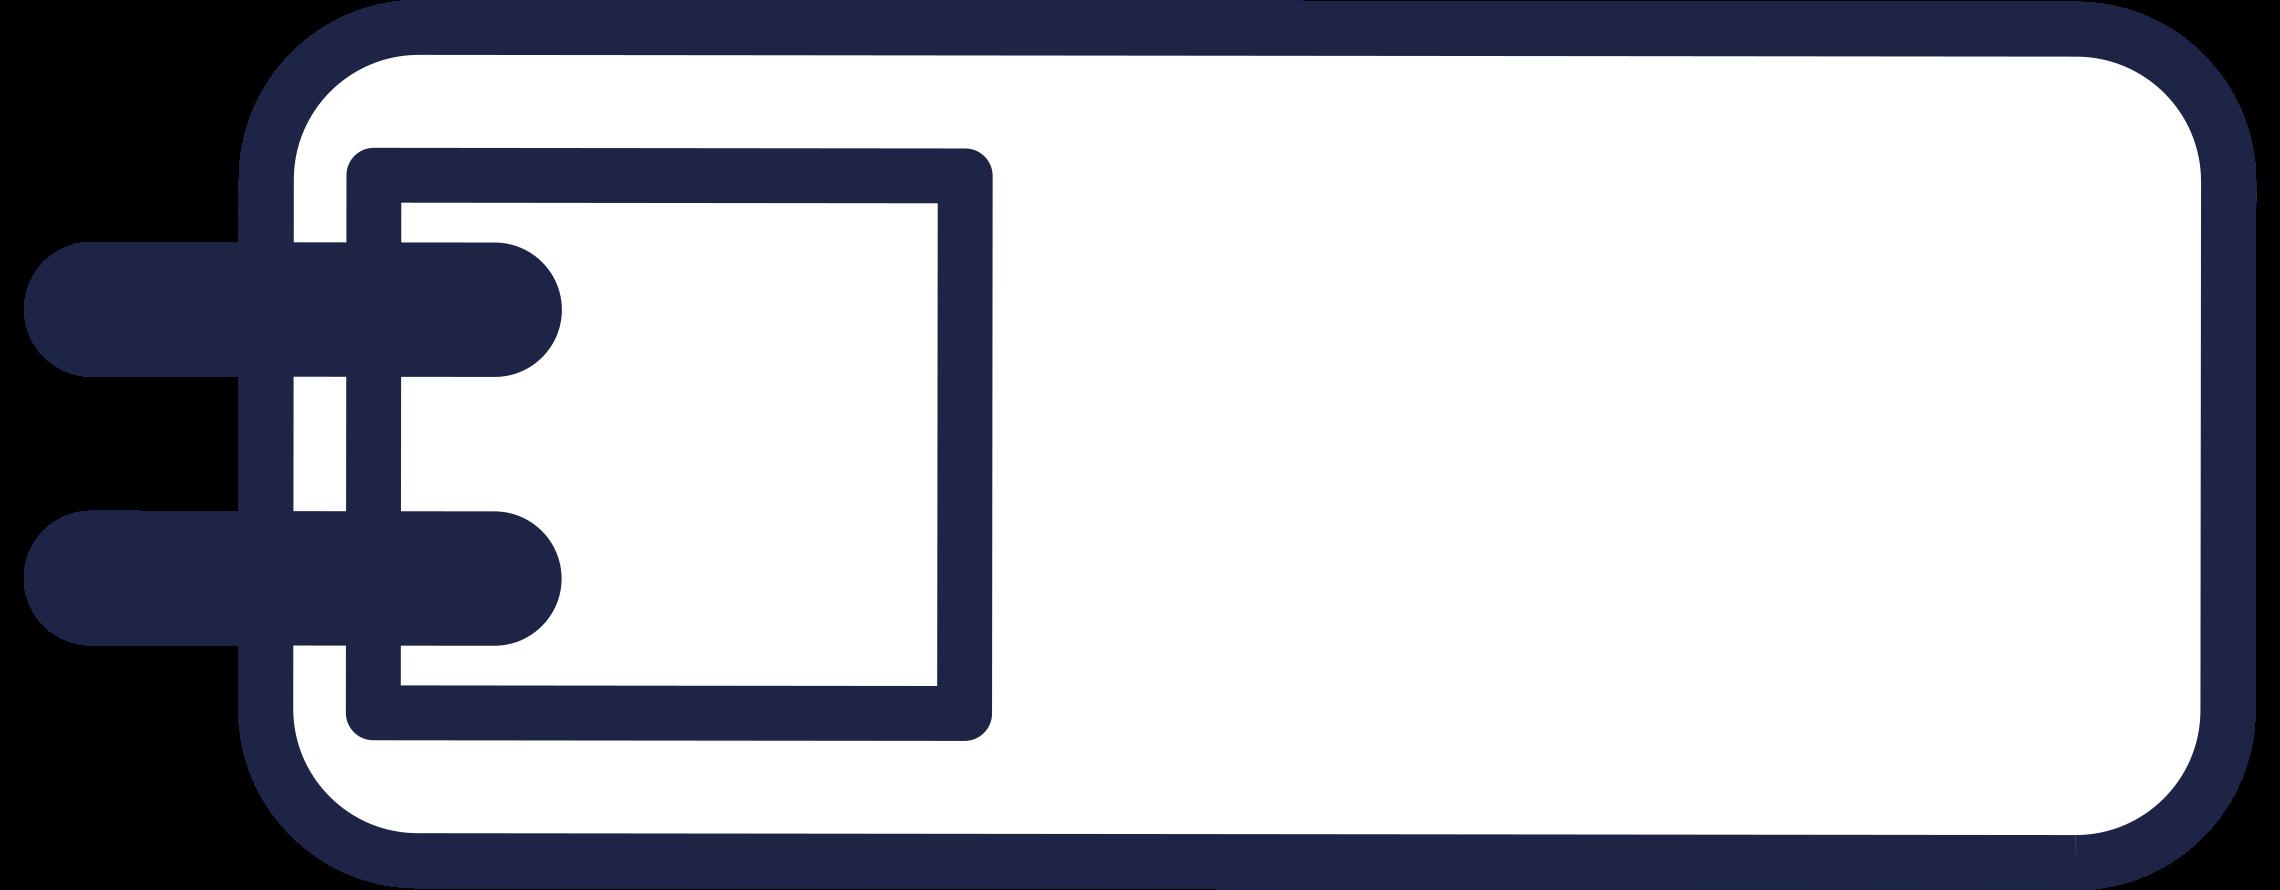 Atualizando caso 2 linha Clipart illustration in PNG, SVG